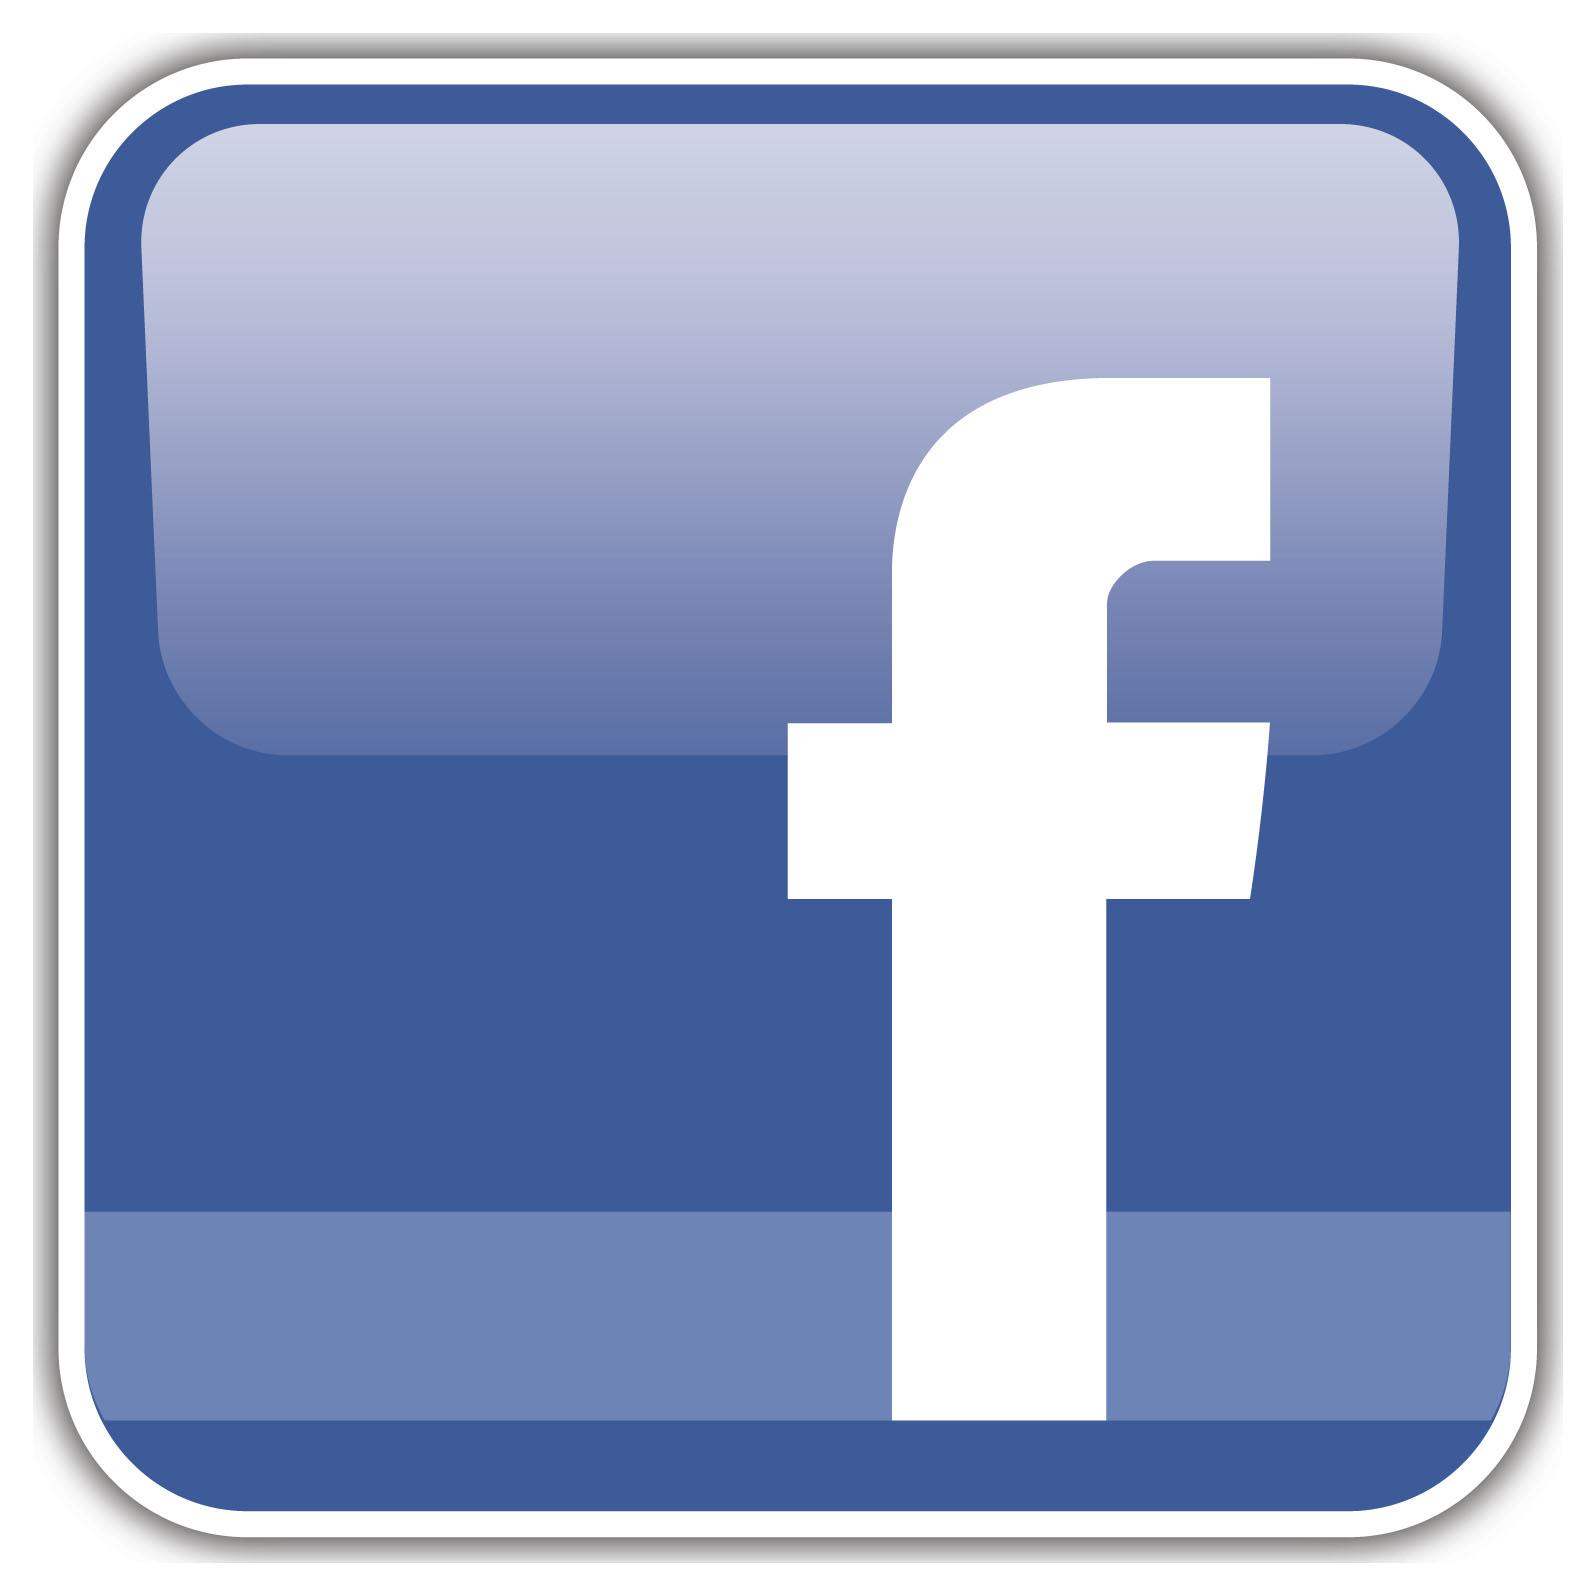 OGR Facebook